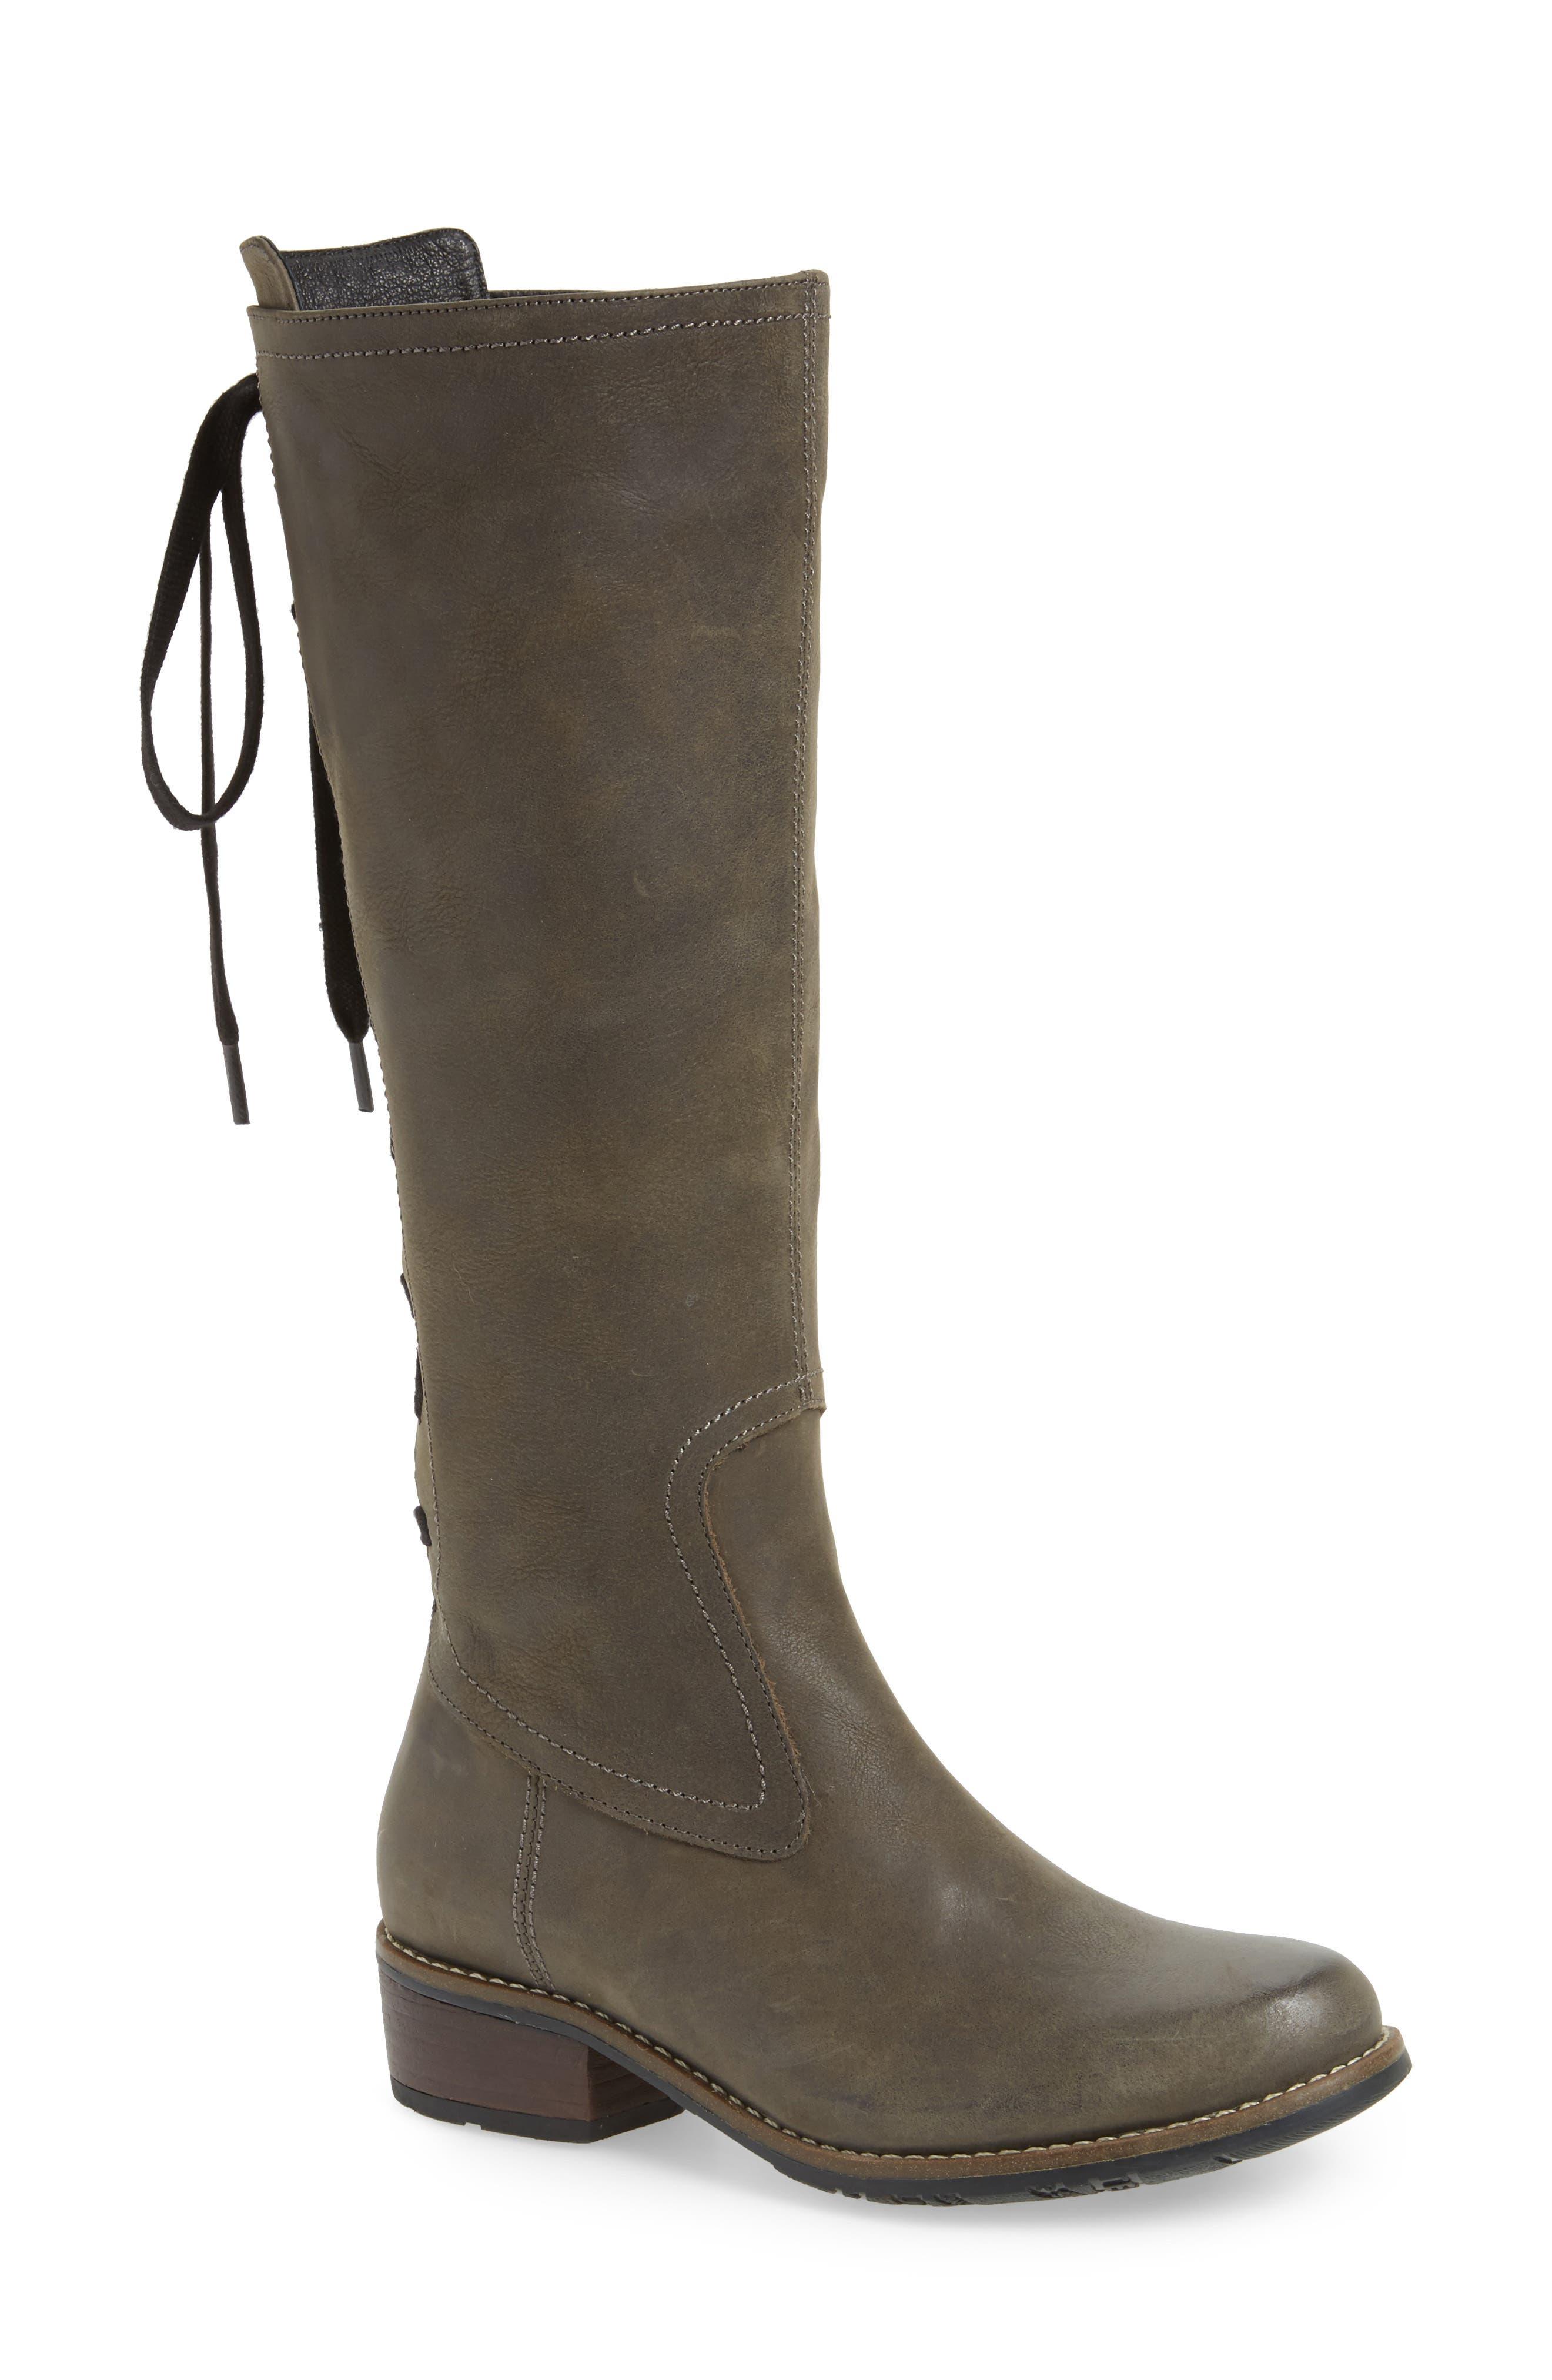 Wolky Pardo Boot (Women)